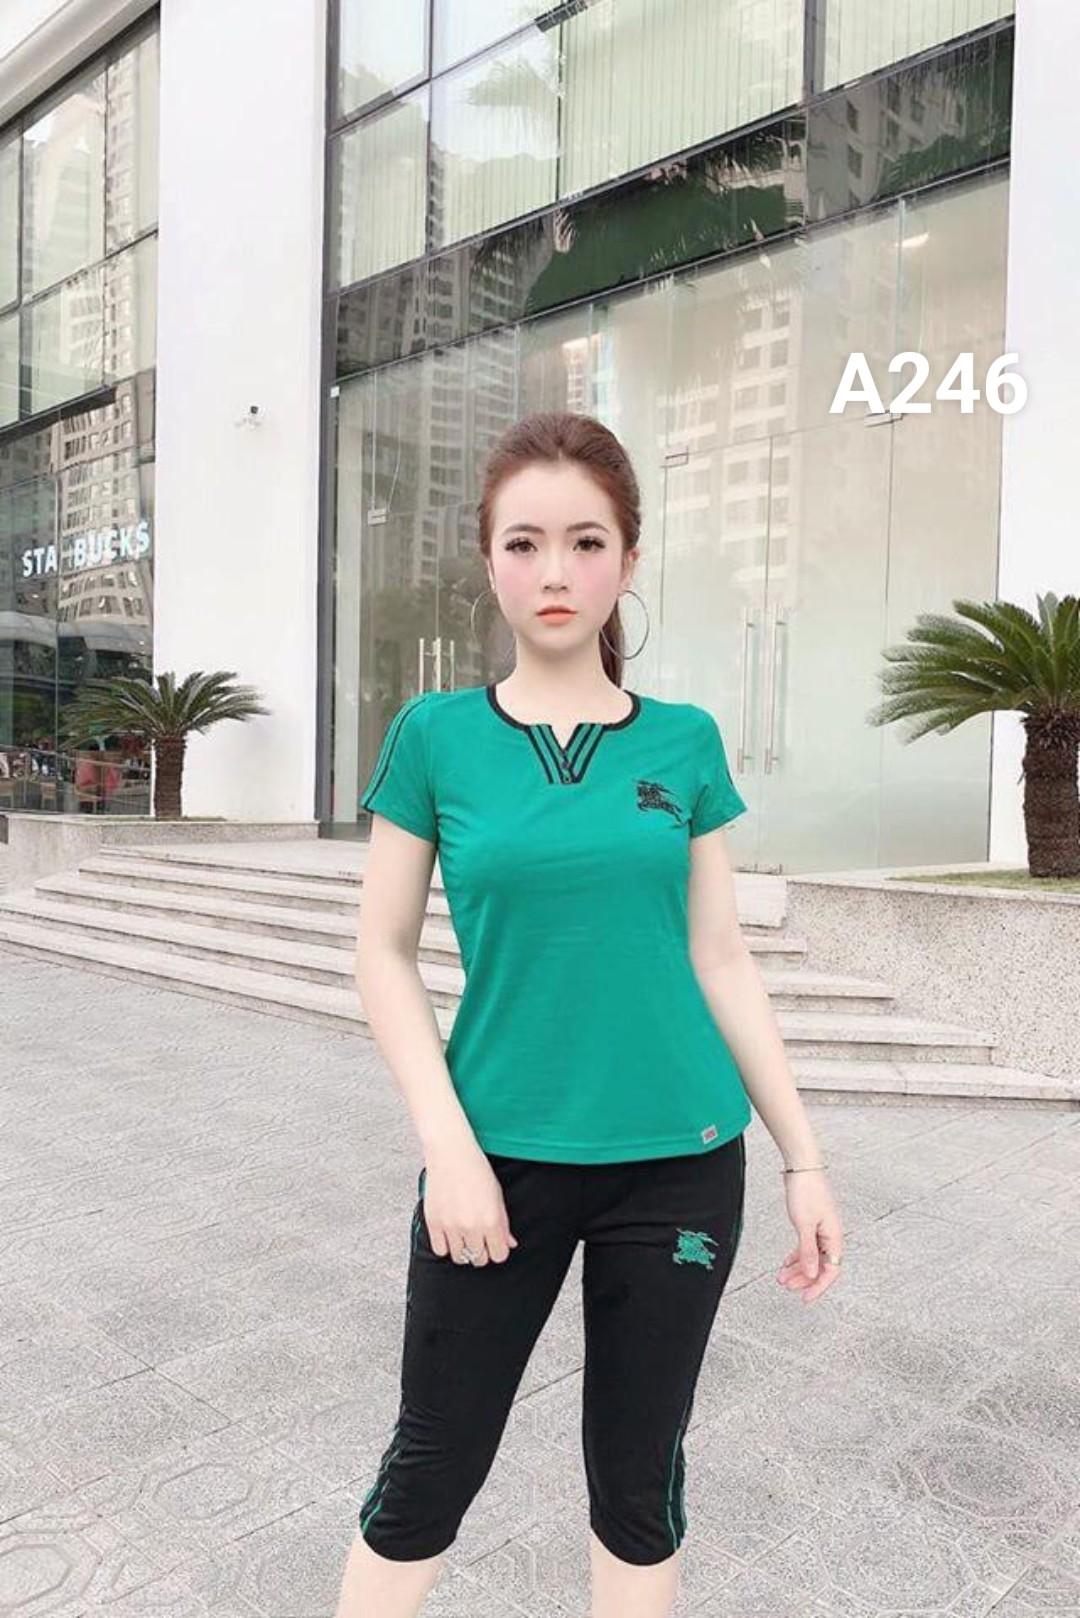 Đồ bộ nữ mặc nhà lững A246 - 4 size m xl xxl xxxl